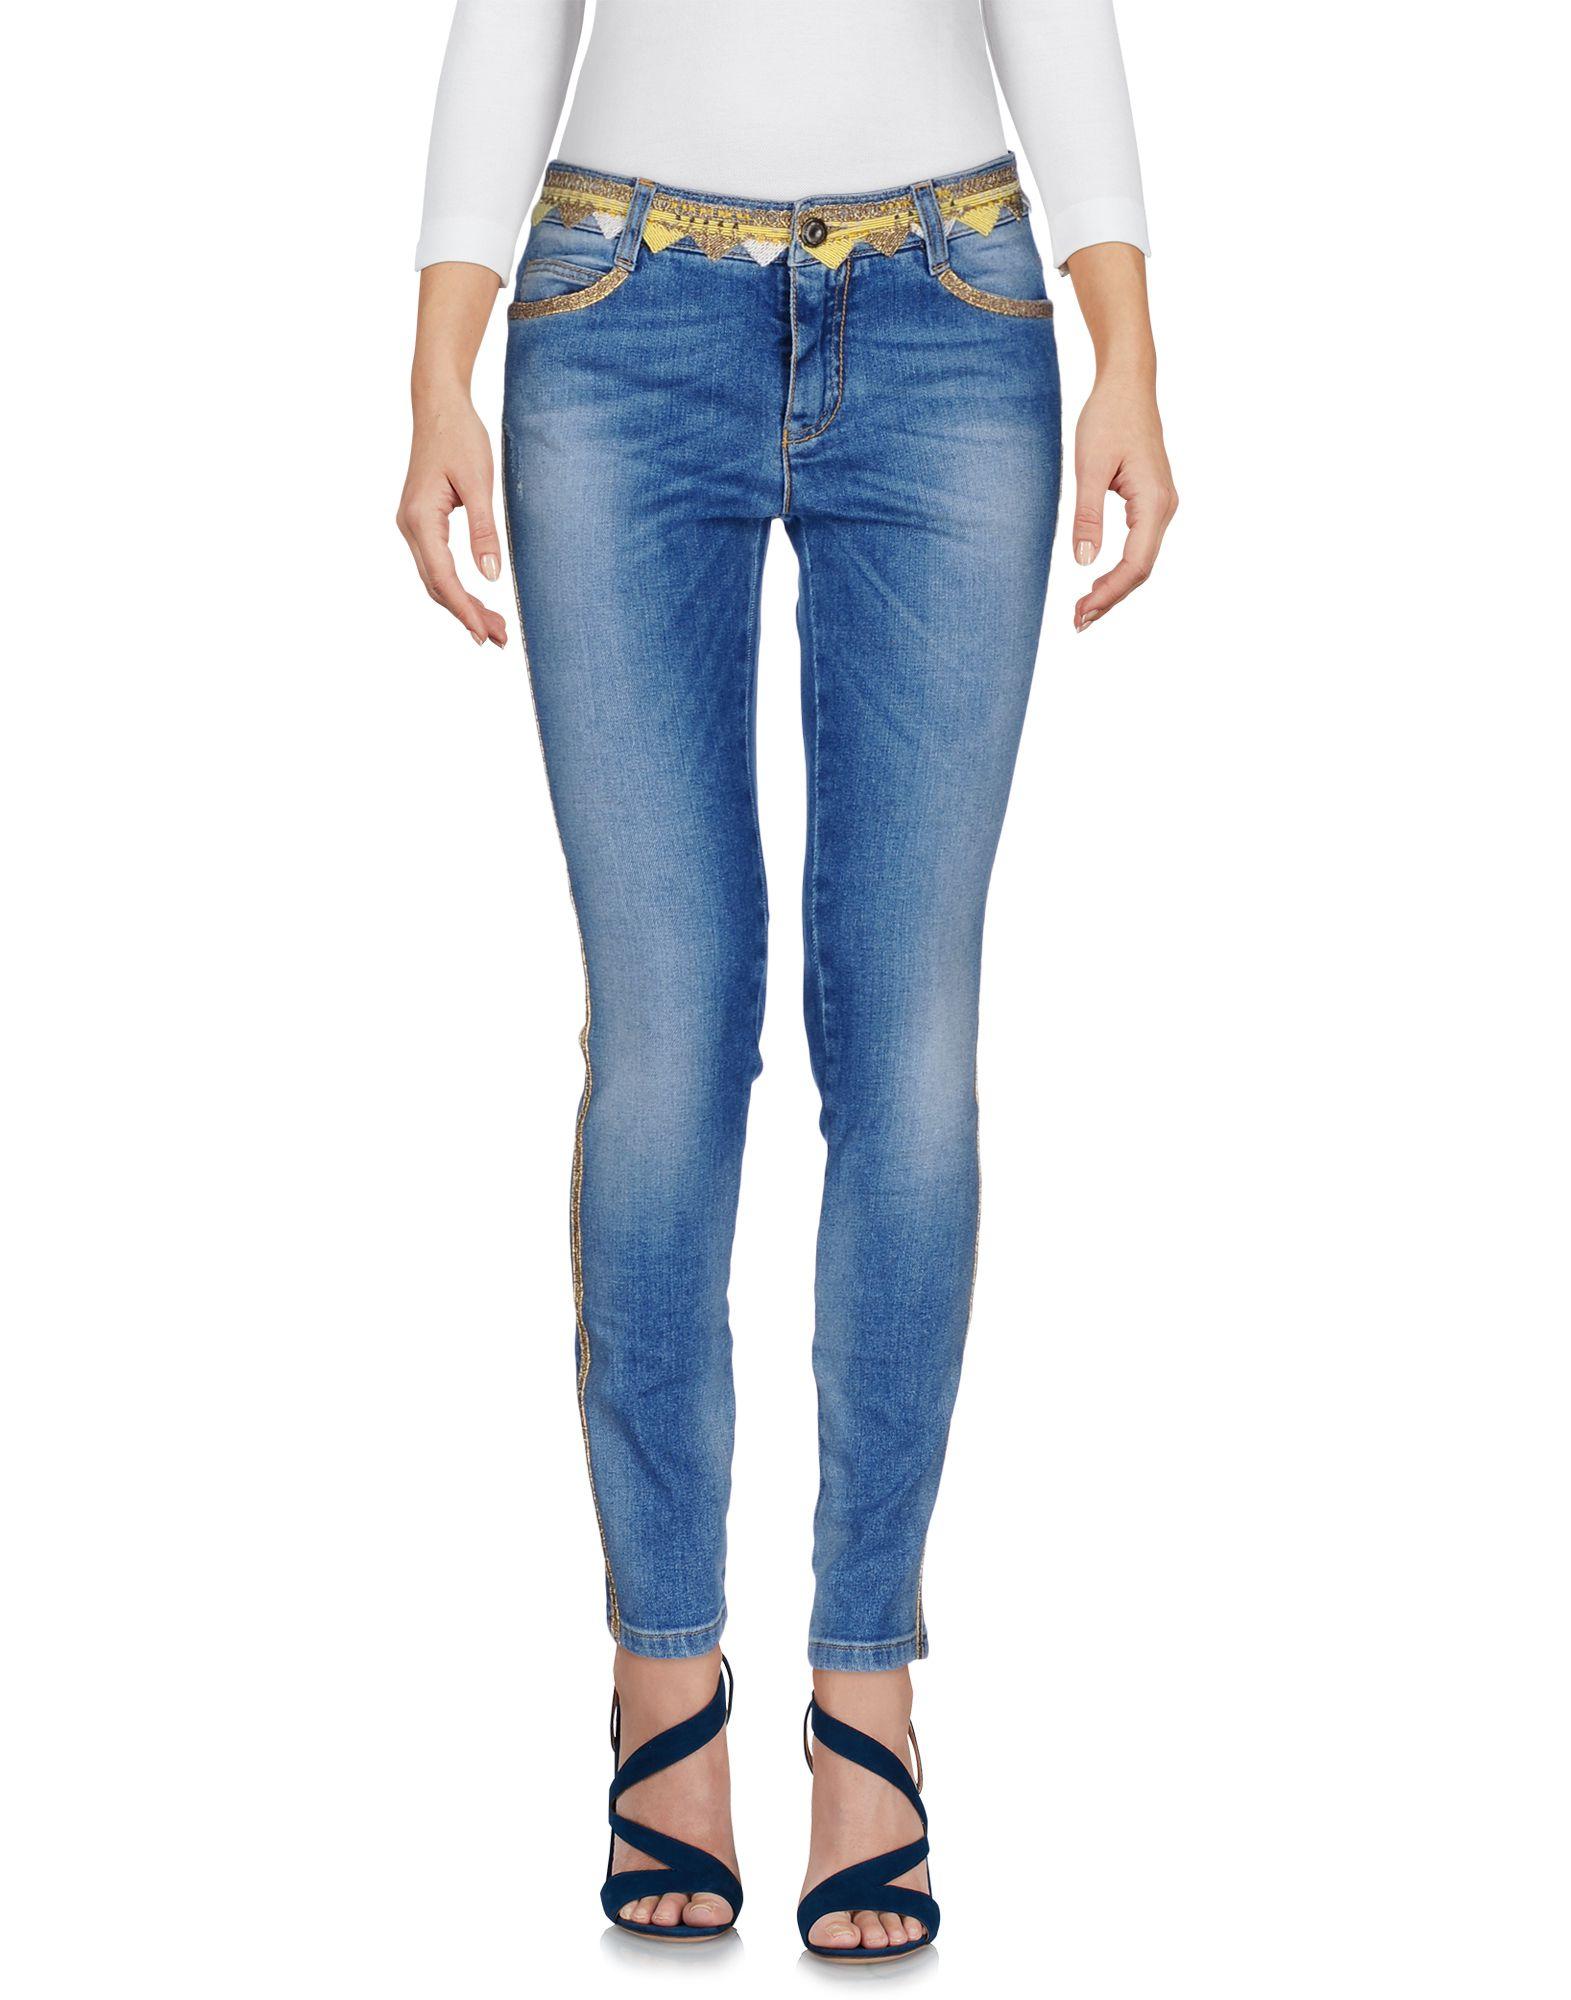 Pantaloni Jeans Ermanno Scervino donna - 42600710DB 42600710DB  Sparen Sie 60% Rabatt und schneller Versand weltweit